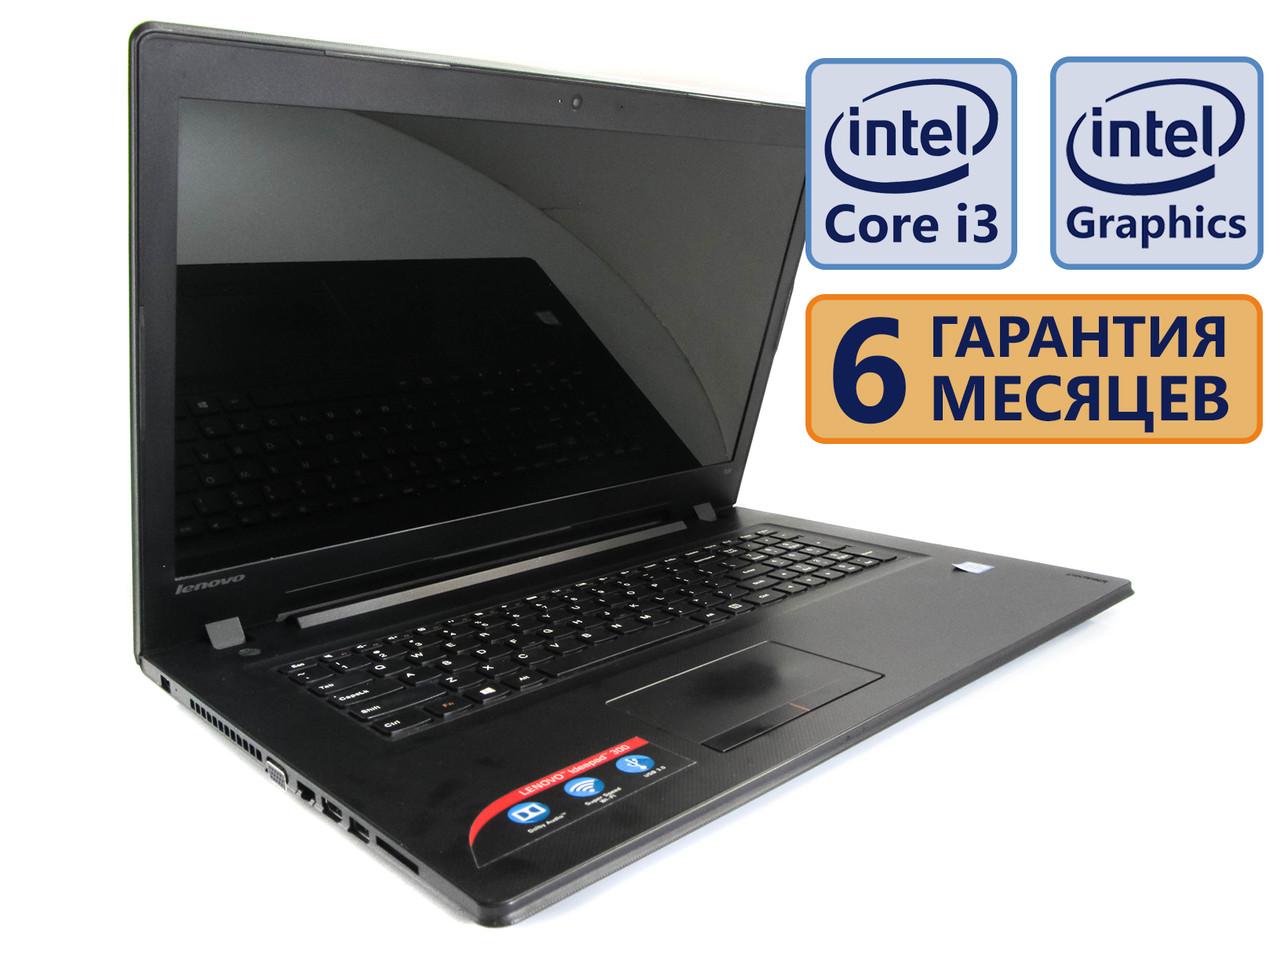 Ноутбук Lenovo Ideapad 300-17Sik 17.3 (1600x900) / Intel Core i3-6100U (2x2.3GHz) / RAM 4Gb / SSD 120Gb / АКБ 2 ч. / Сост. 9/10 БУ